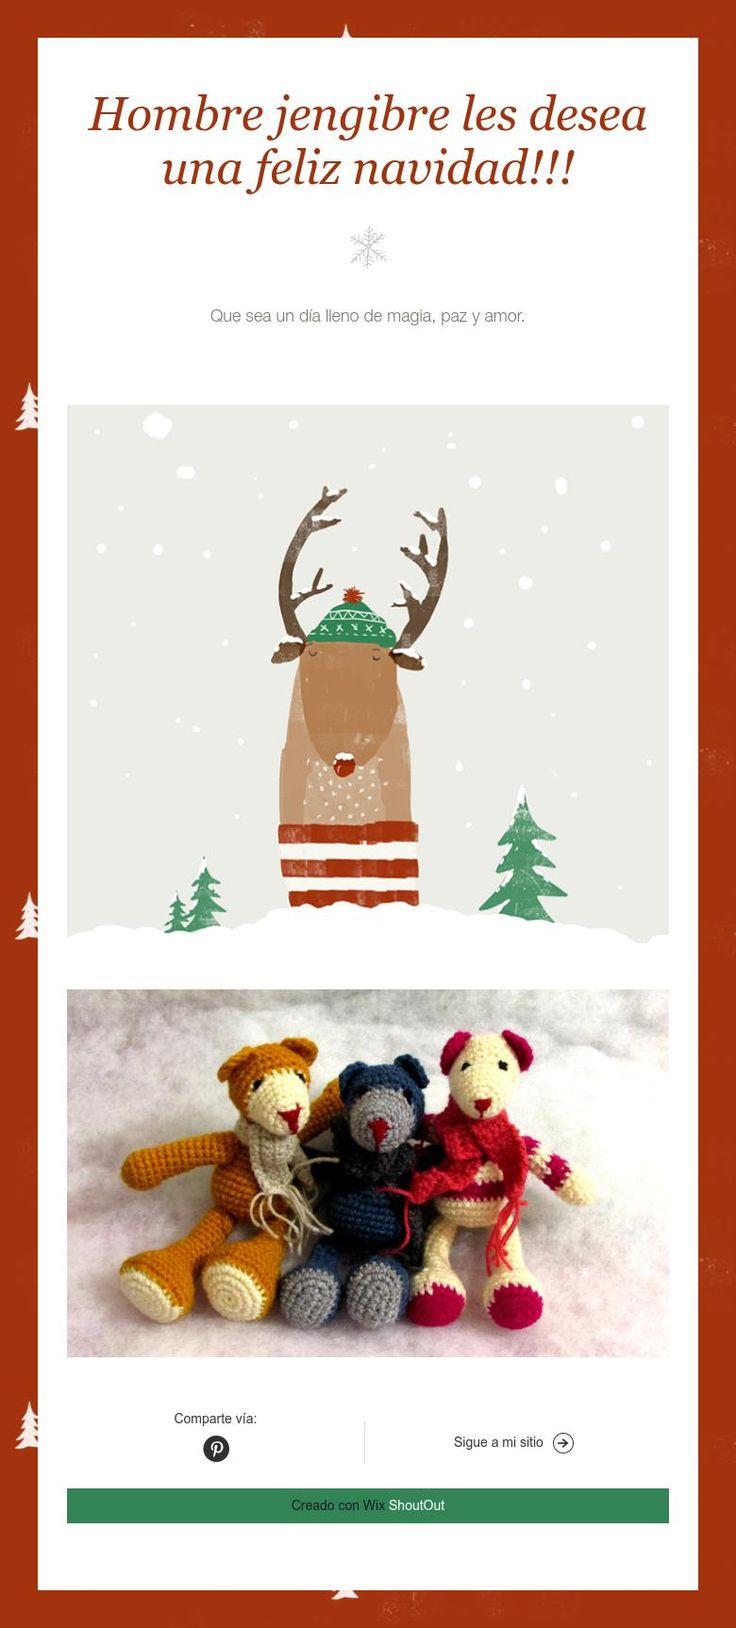 Hombre jengibre les desea una feliz navidad!!!